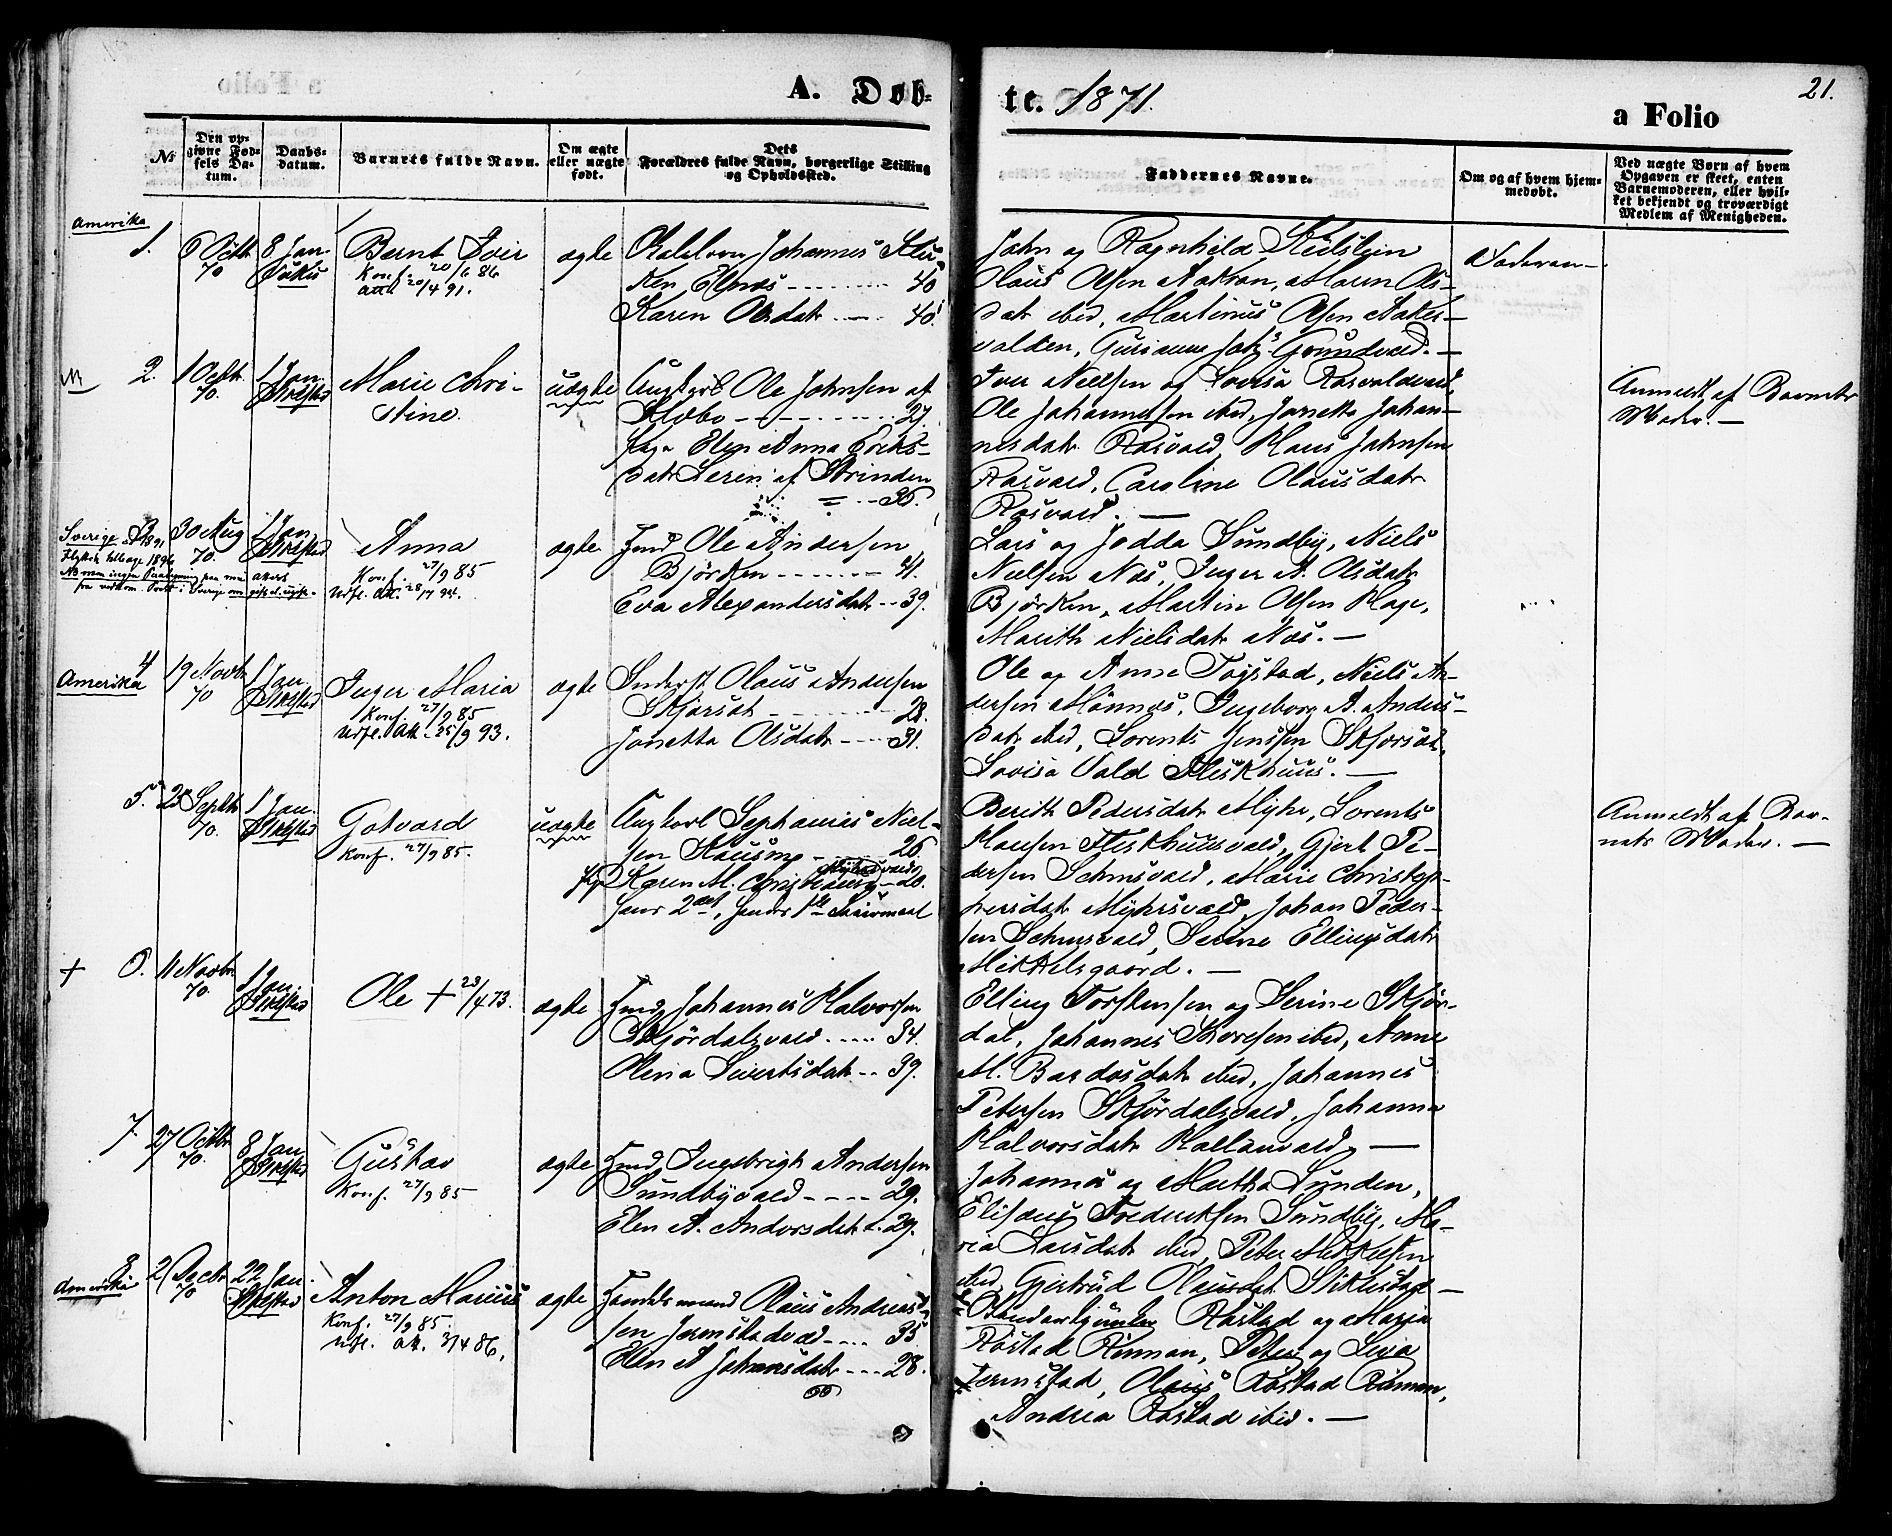 SAT, Ministerialprotokoller, klokkerbøker og fødselsregistre - Nord-Trøndelag, 723/L0242: Ministerialbok nr. 723A11, 1870-1880, s. 21